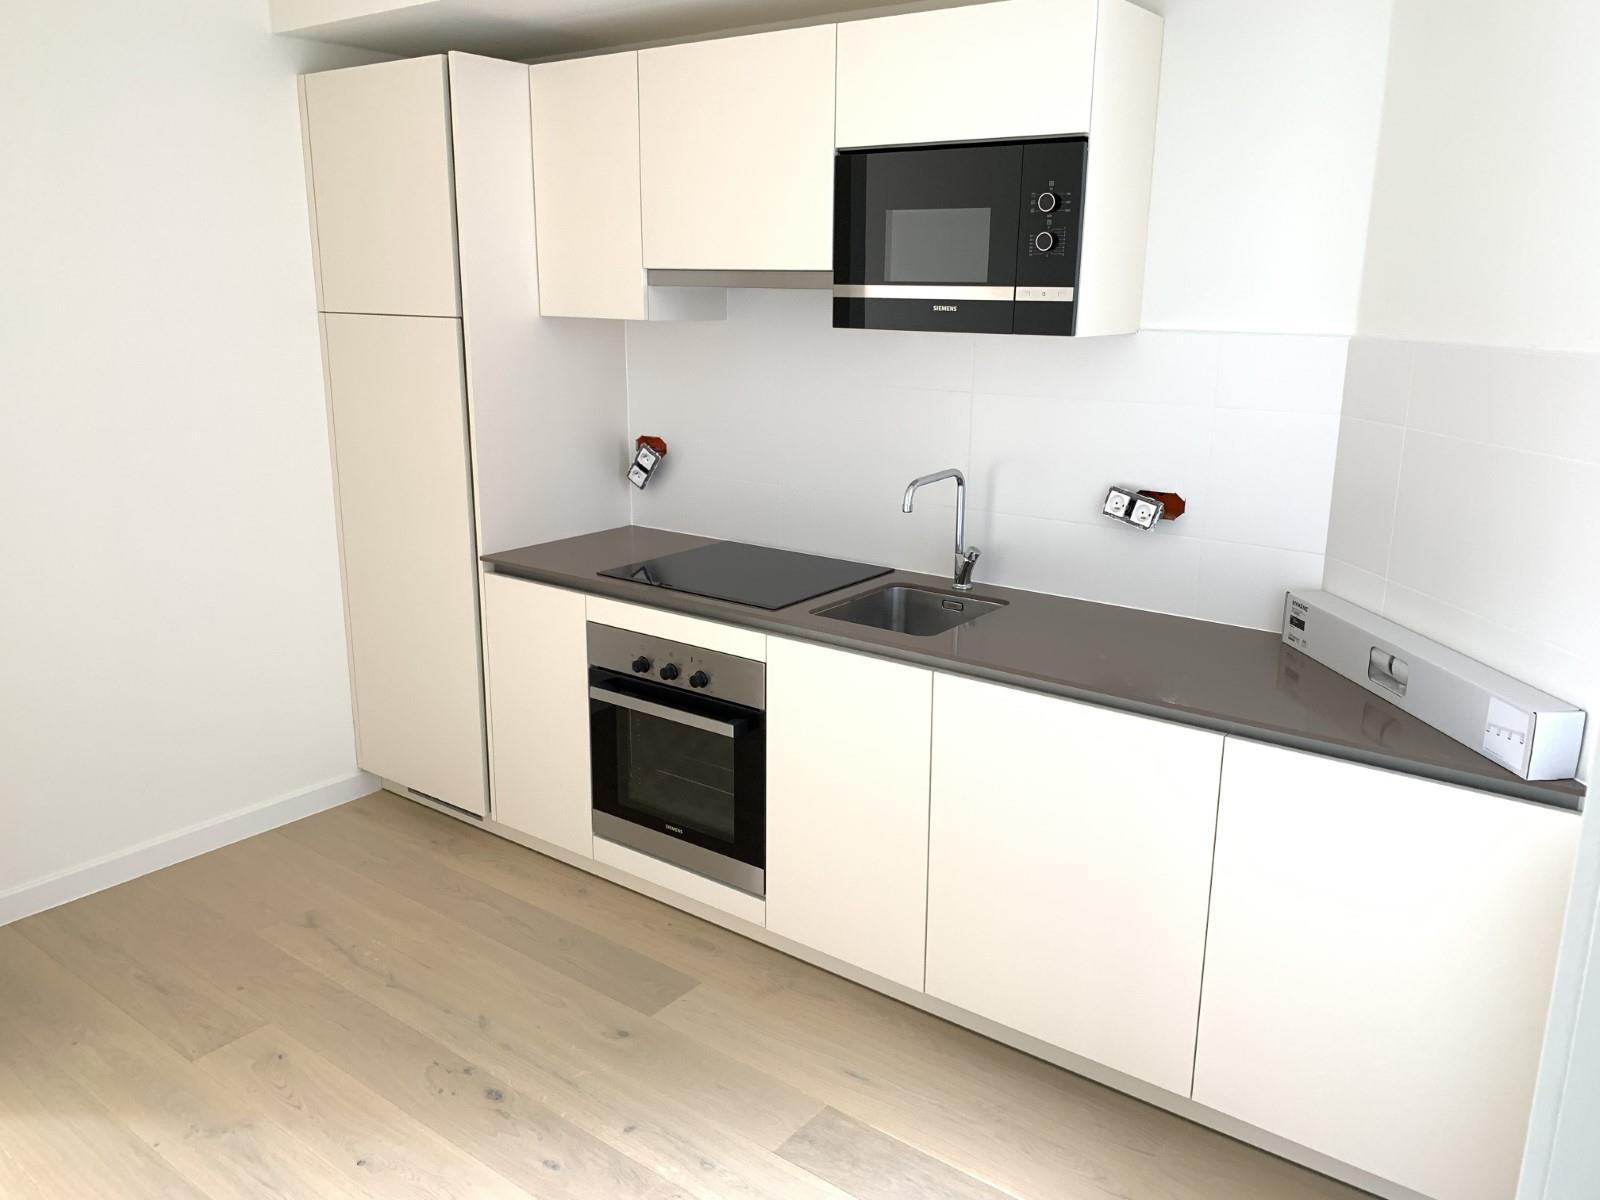 Appartement exceptionnel - Schaerbeek - #3964777-4